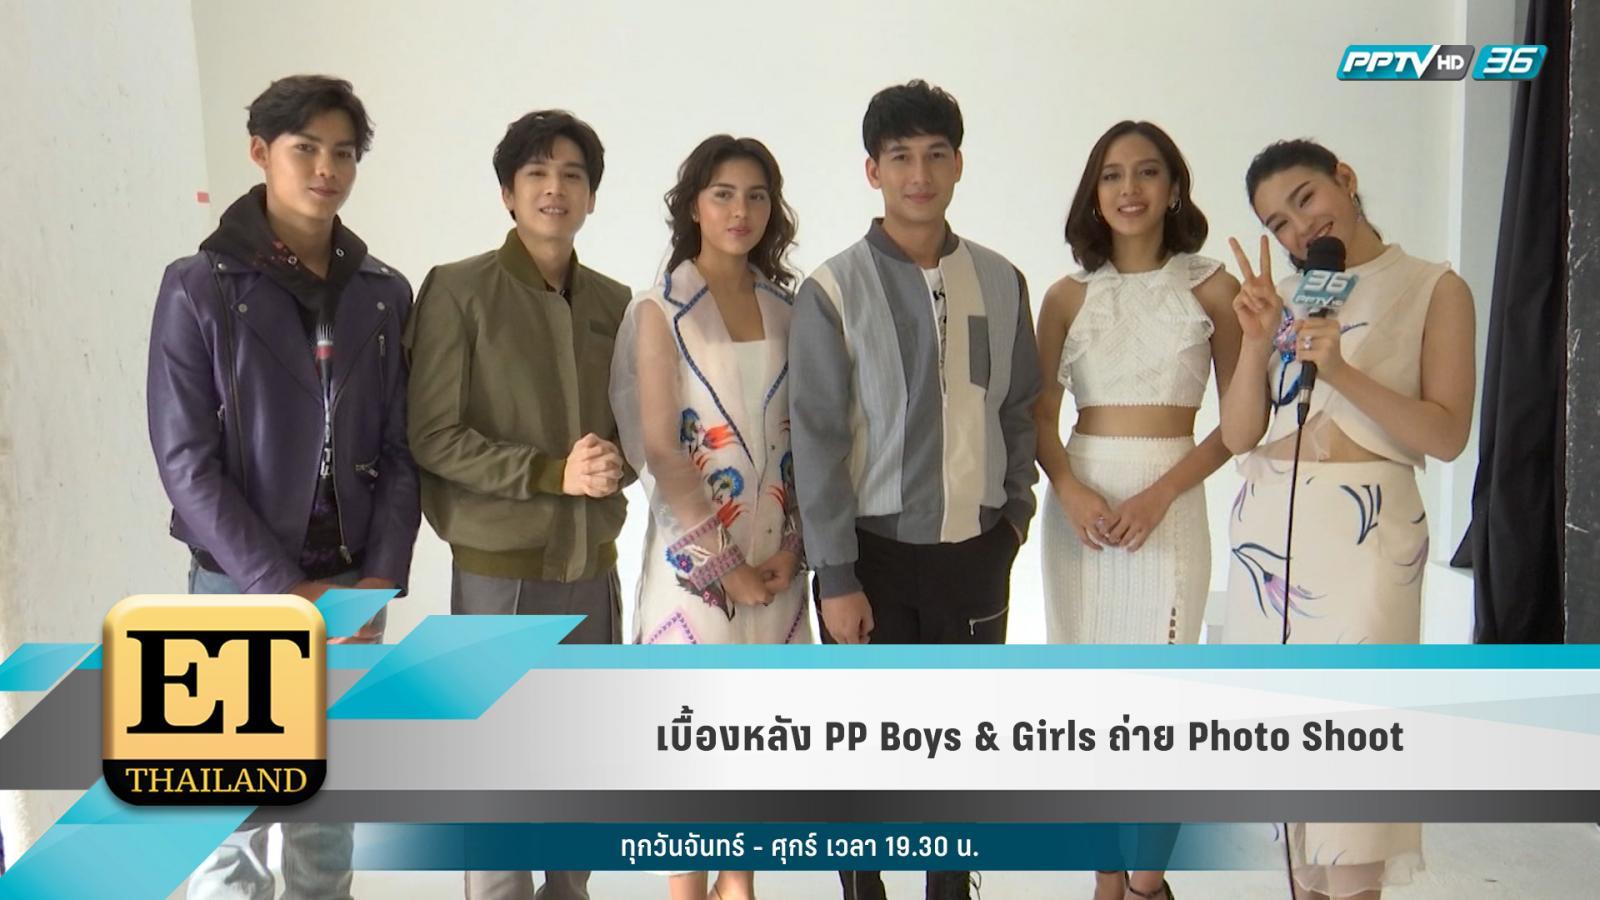 เบื้องหลัง PP Boys & Girls ถ่าย Photo Shoot